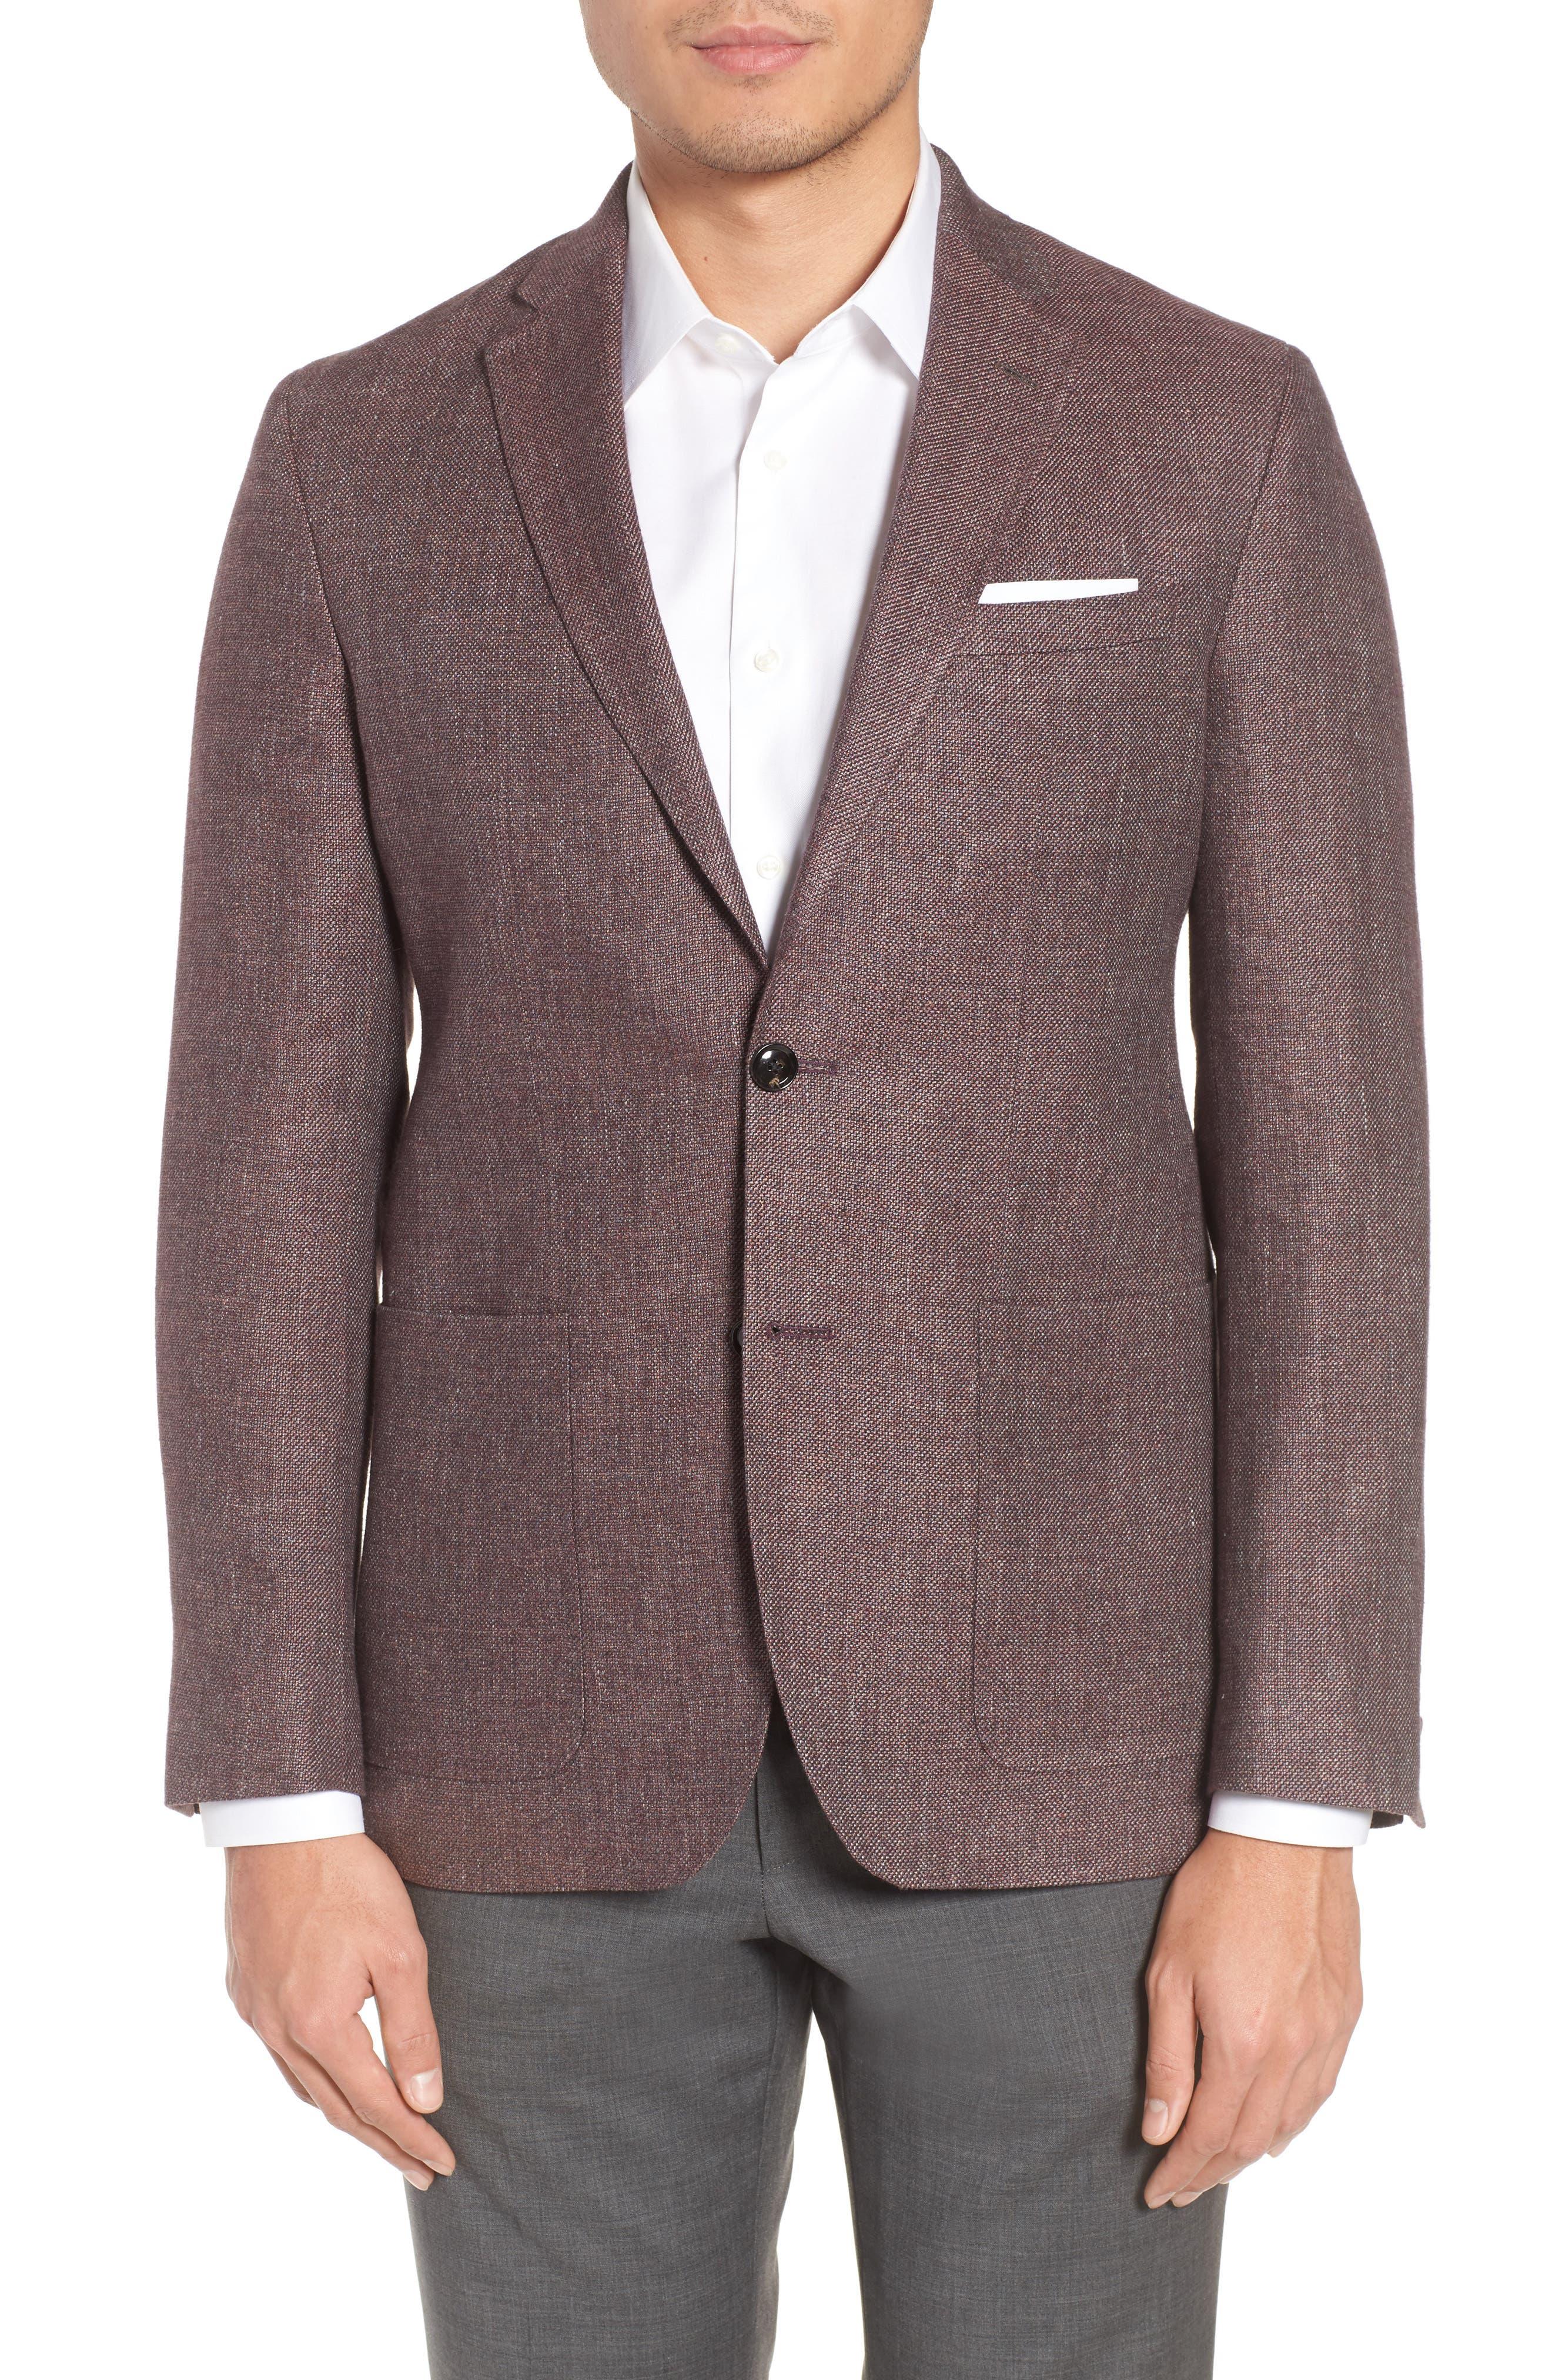 Kyle Trim Fit Linen & Wool Blazer,                             Main thumbnail 1, color,                             Light Brick